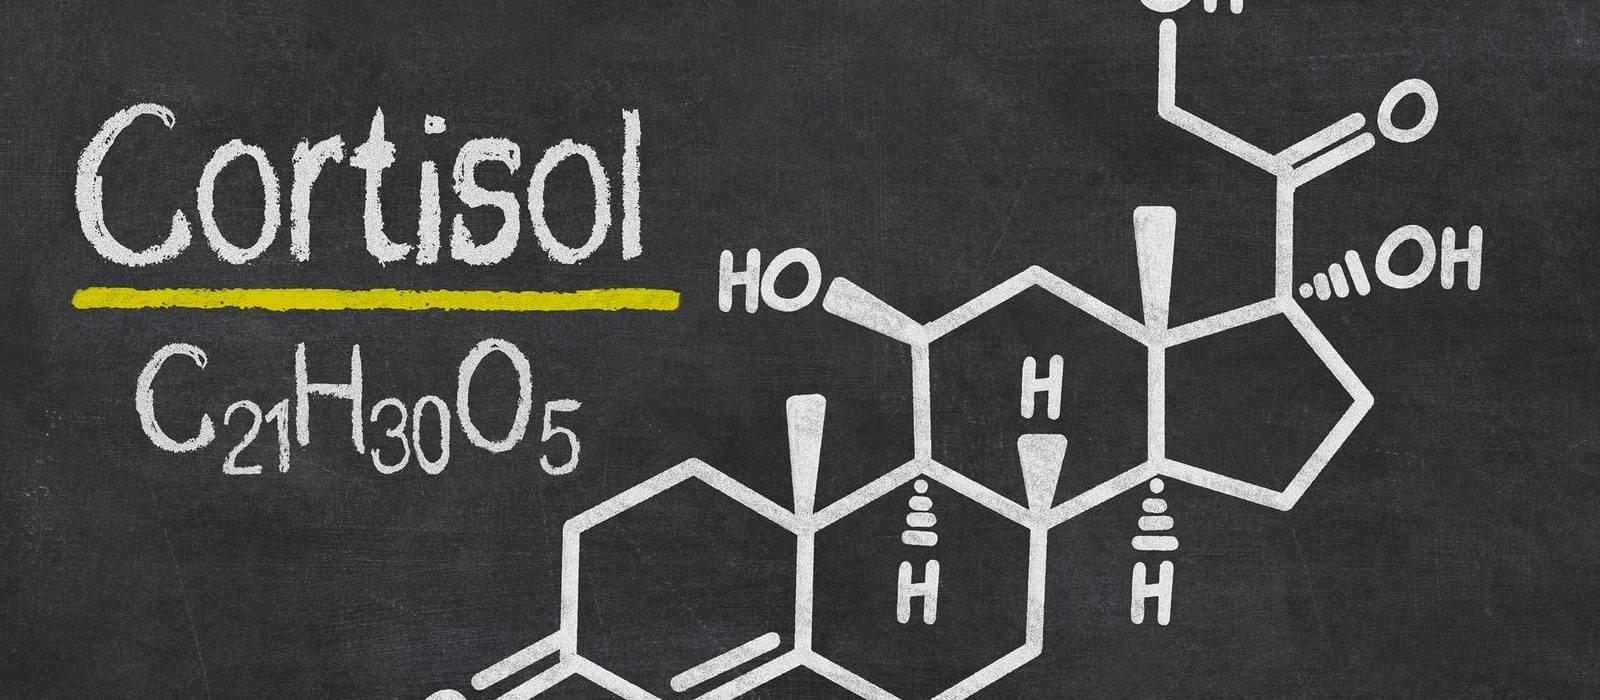 Слишком большой уровень кортизола в организме? Витамин Е может помочь